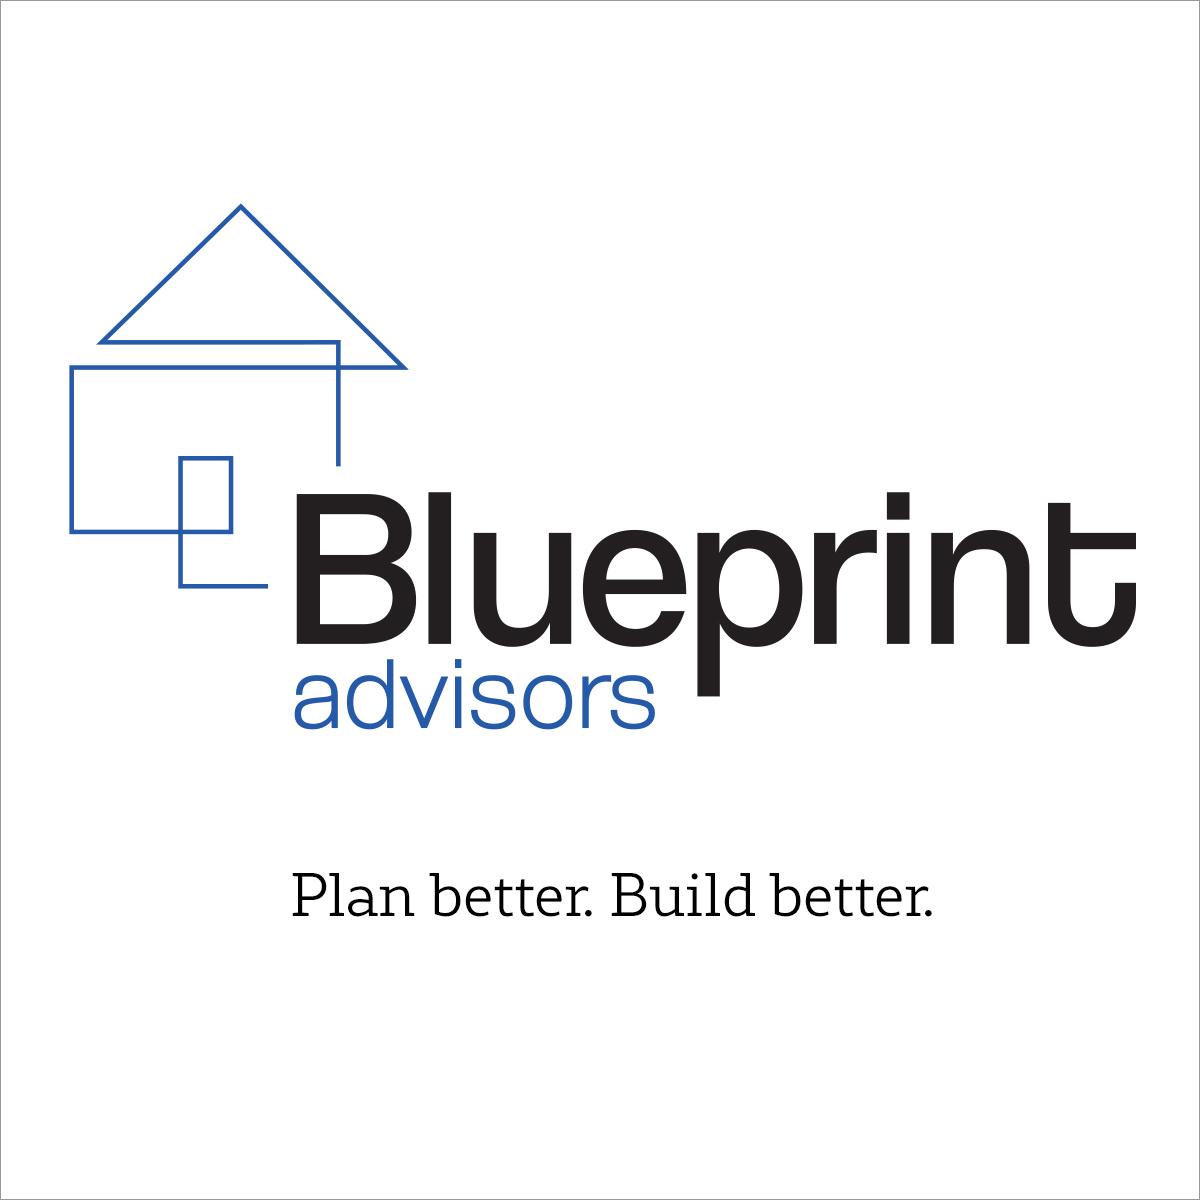 blueprint advisors logo